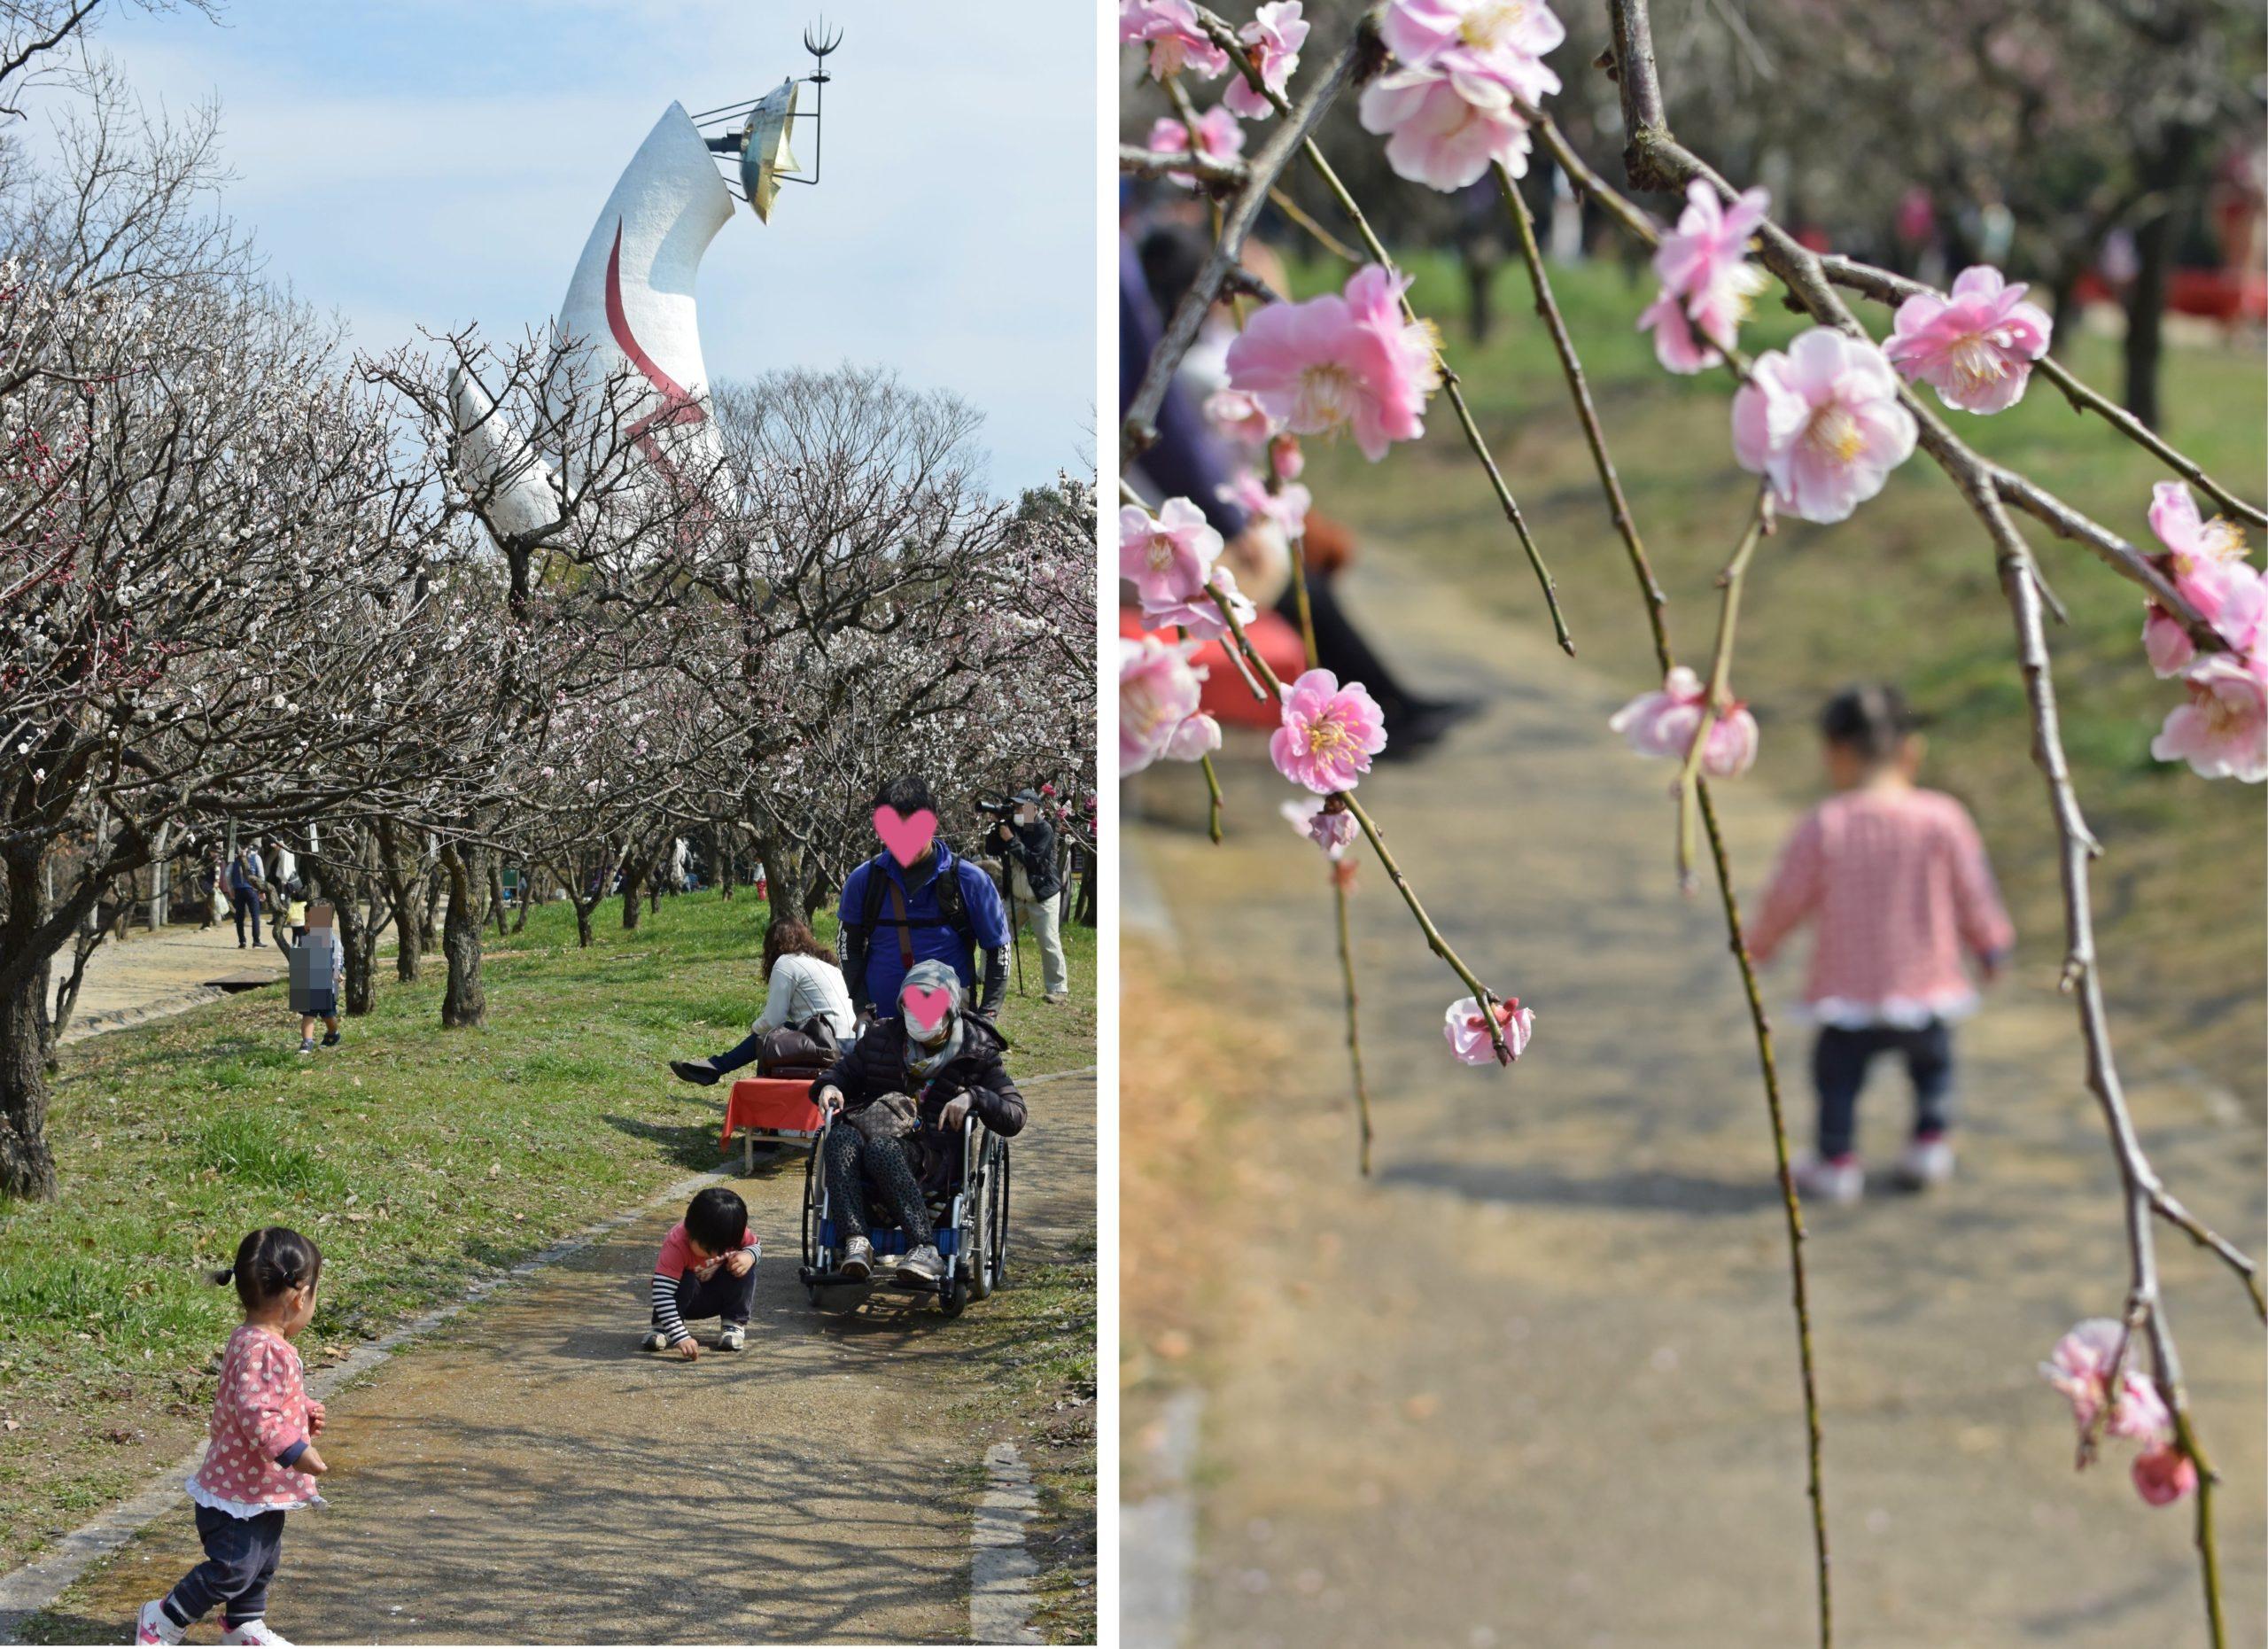 大阪万博記念公園の見ごろはいつ?気になる最新開花情報